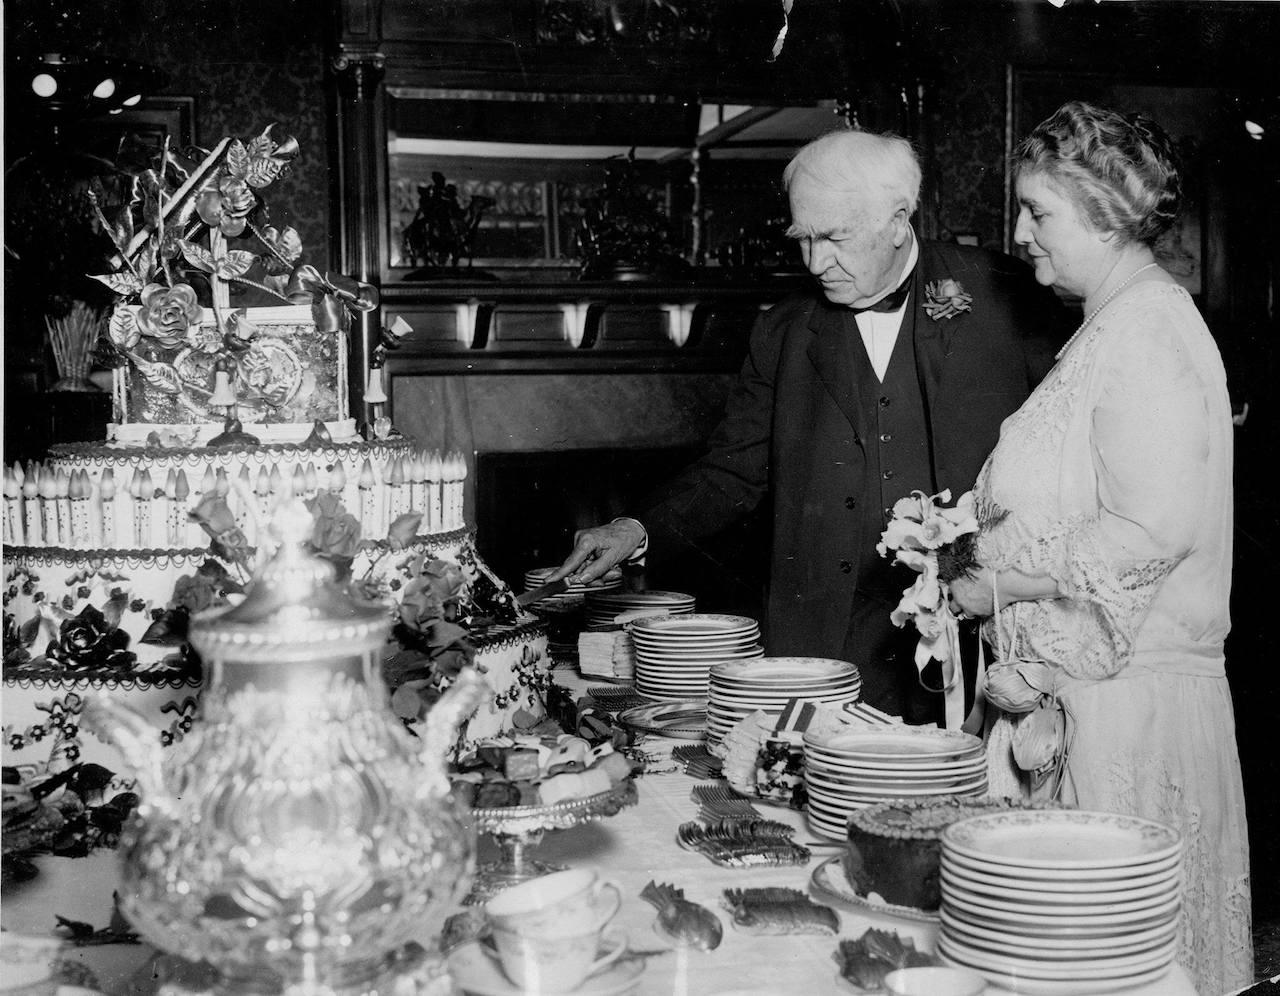 Thomas Edison chi era